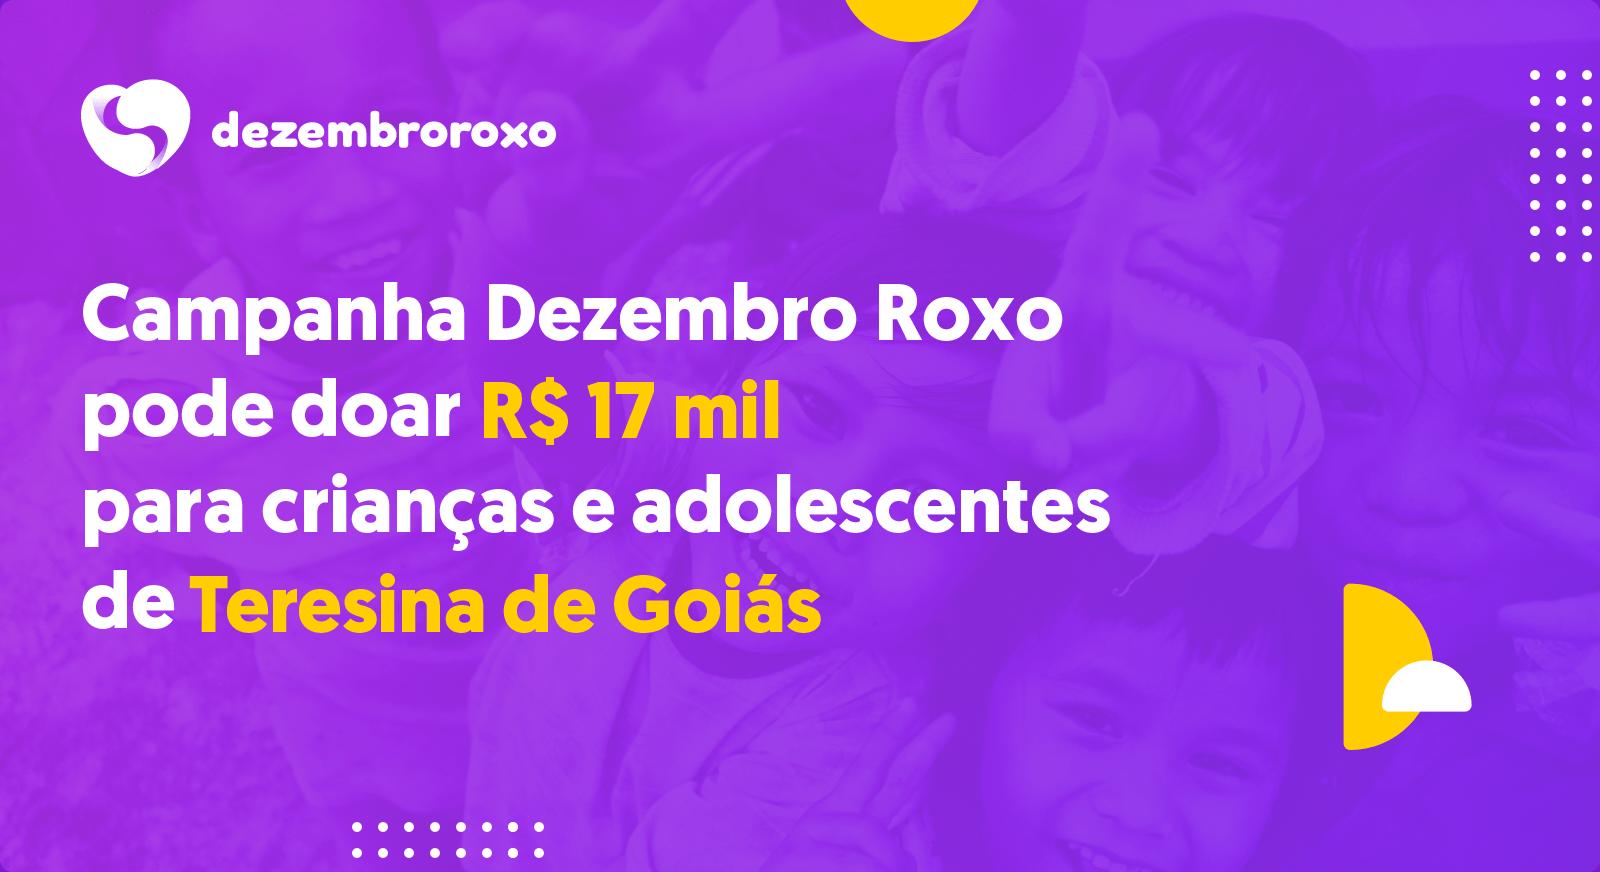 Doações em Teresina de Goiás - GO